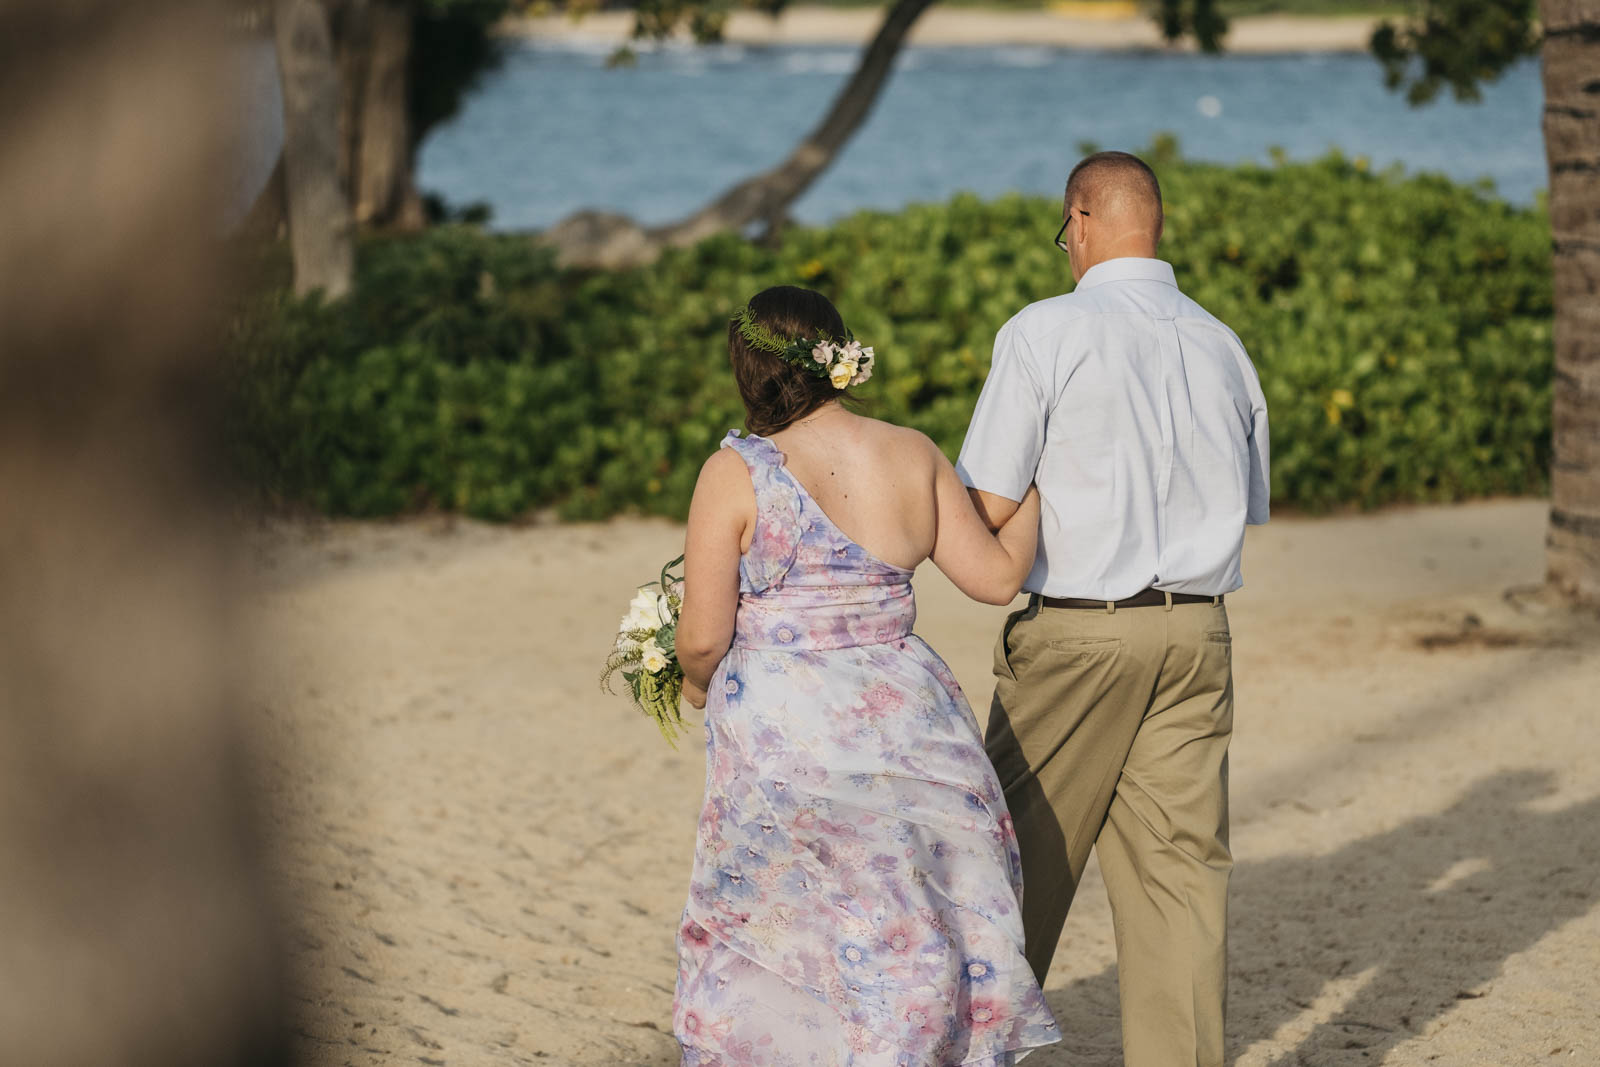 Wedding in Kona, Hawaii, in November.